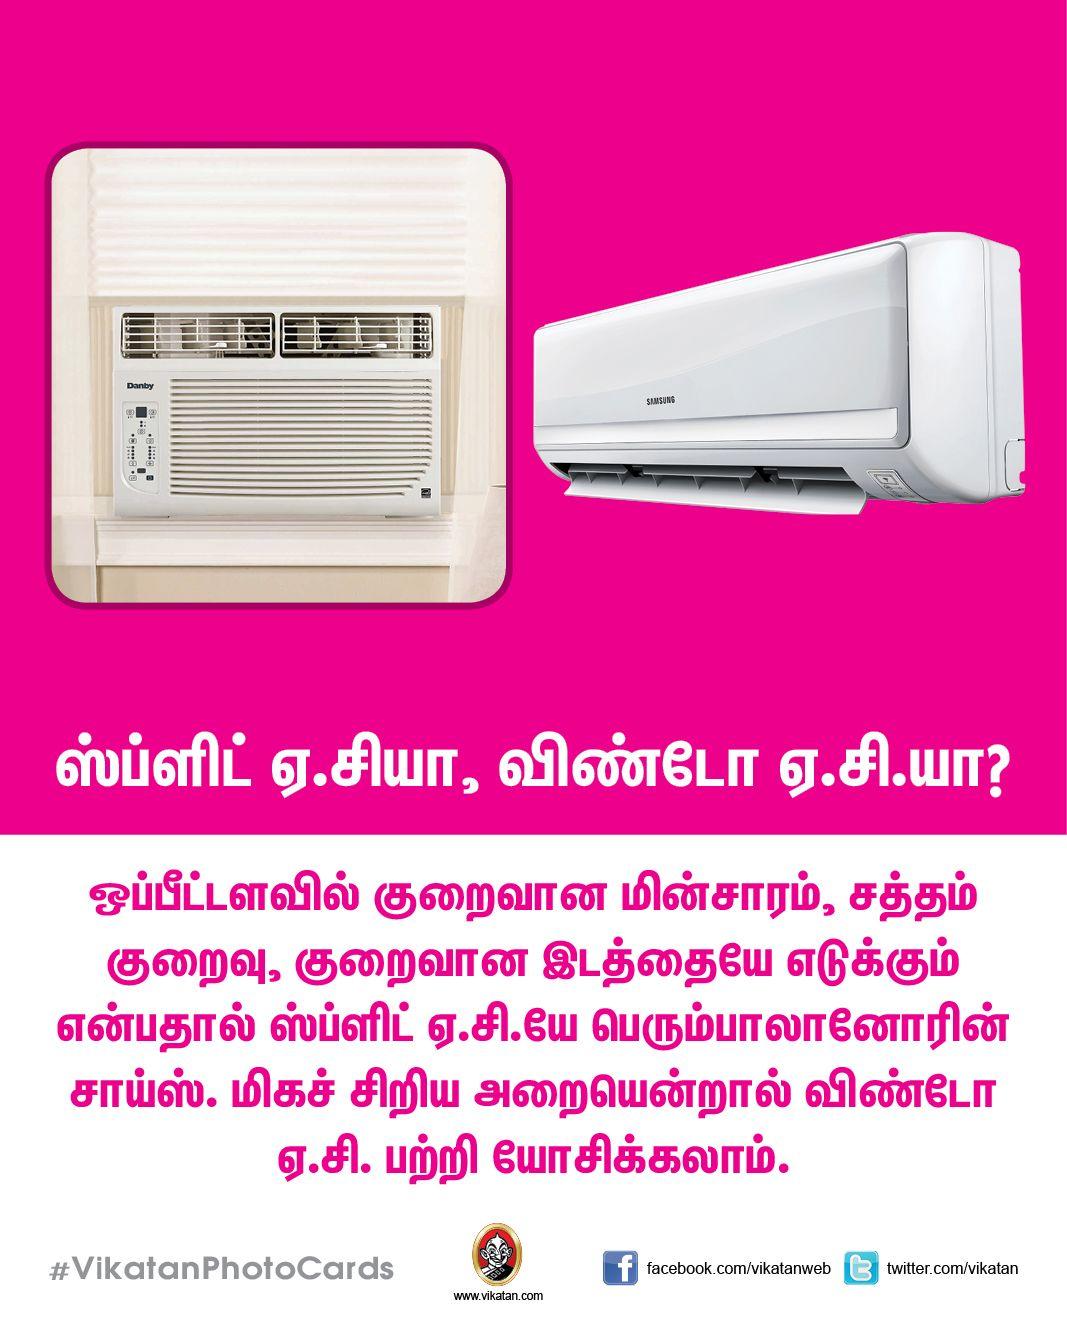 சரியான ஏ.சி.யை வாங்க உதவும் ஸ்மார்ட் டிப்ஸ்..! #VikatanPhotoCards